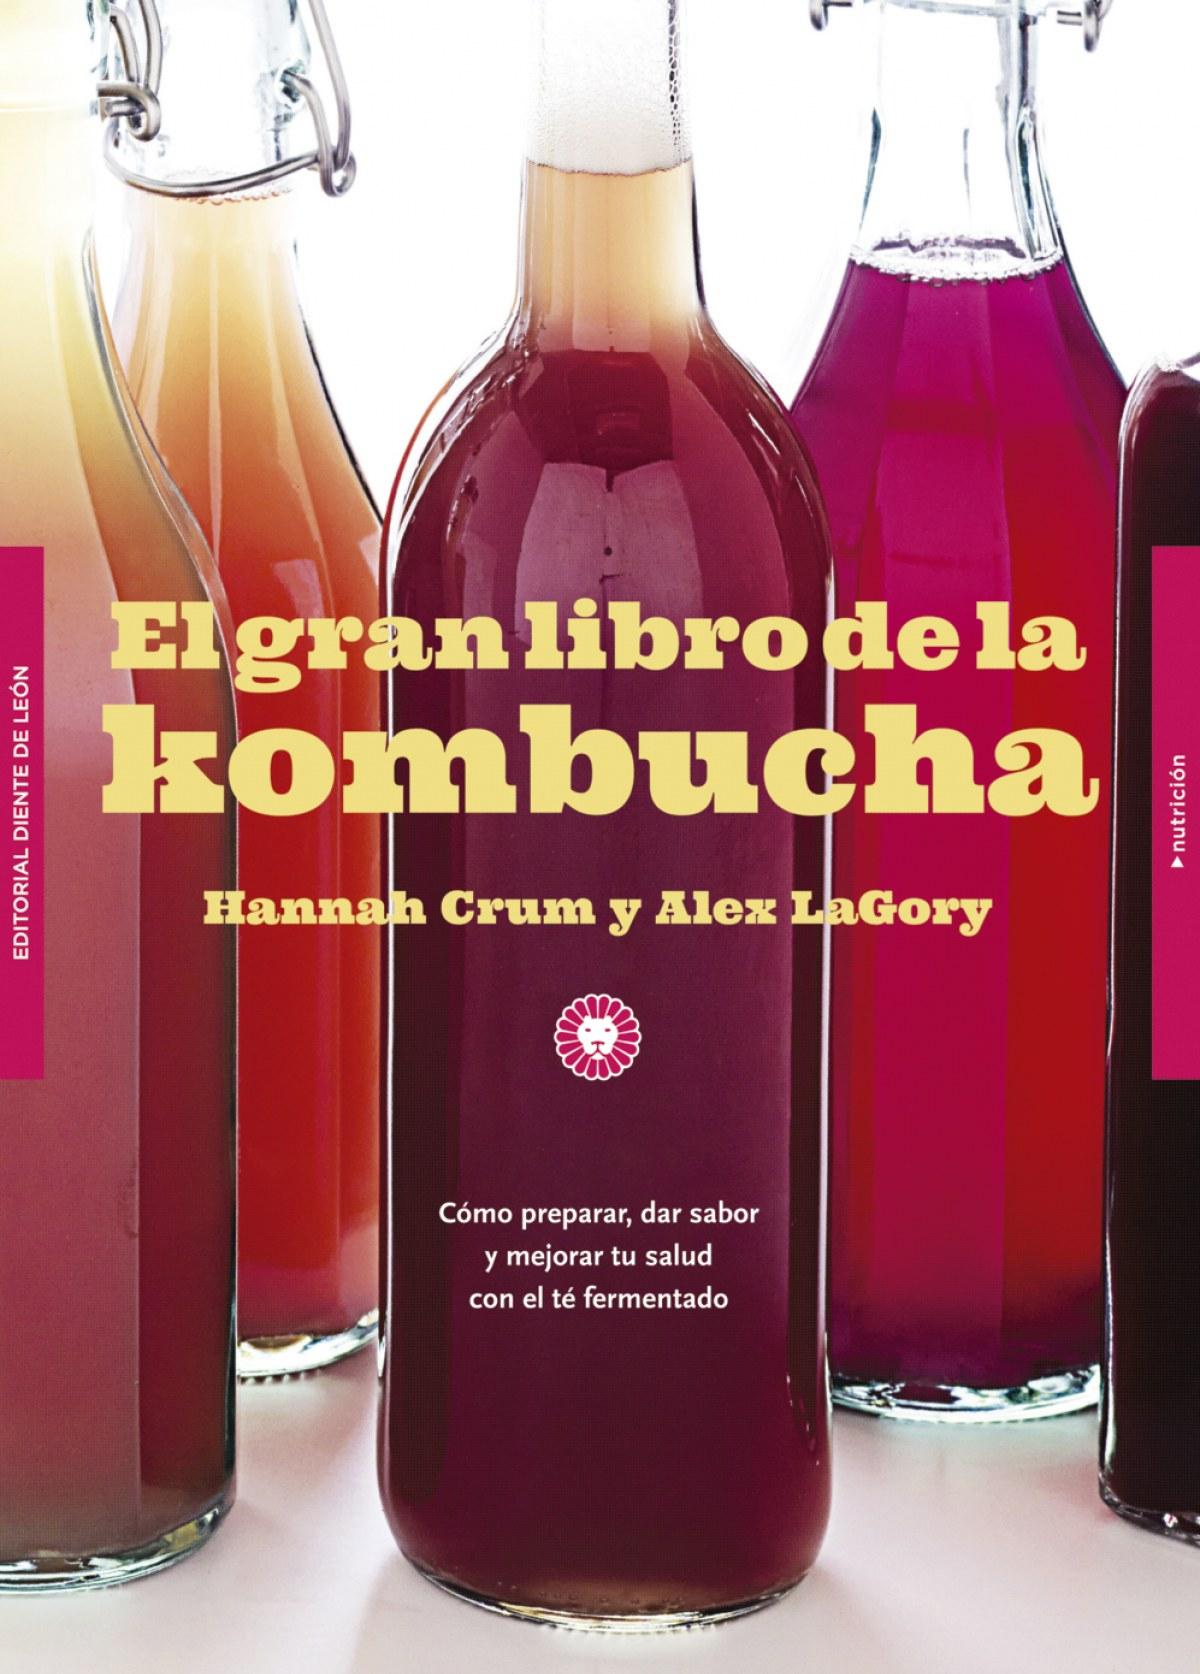 EL GRAN LIBRO DE LA KOMBUCHA